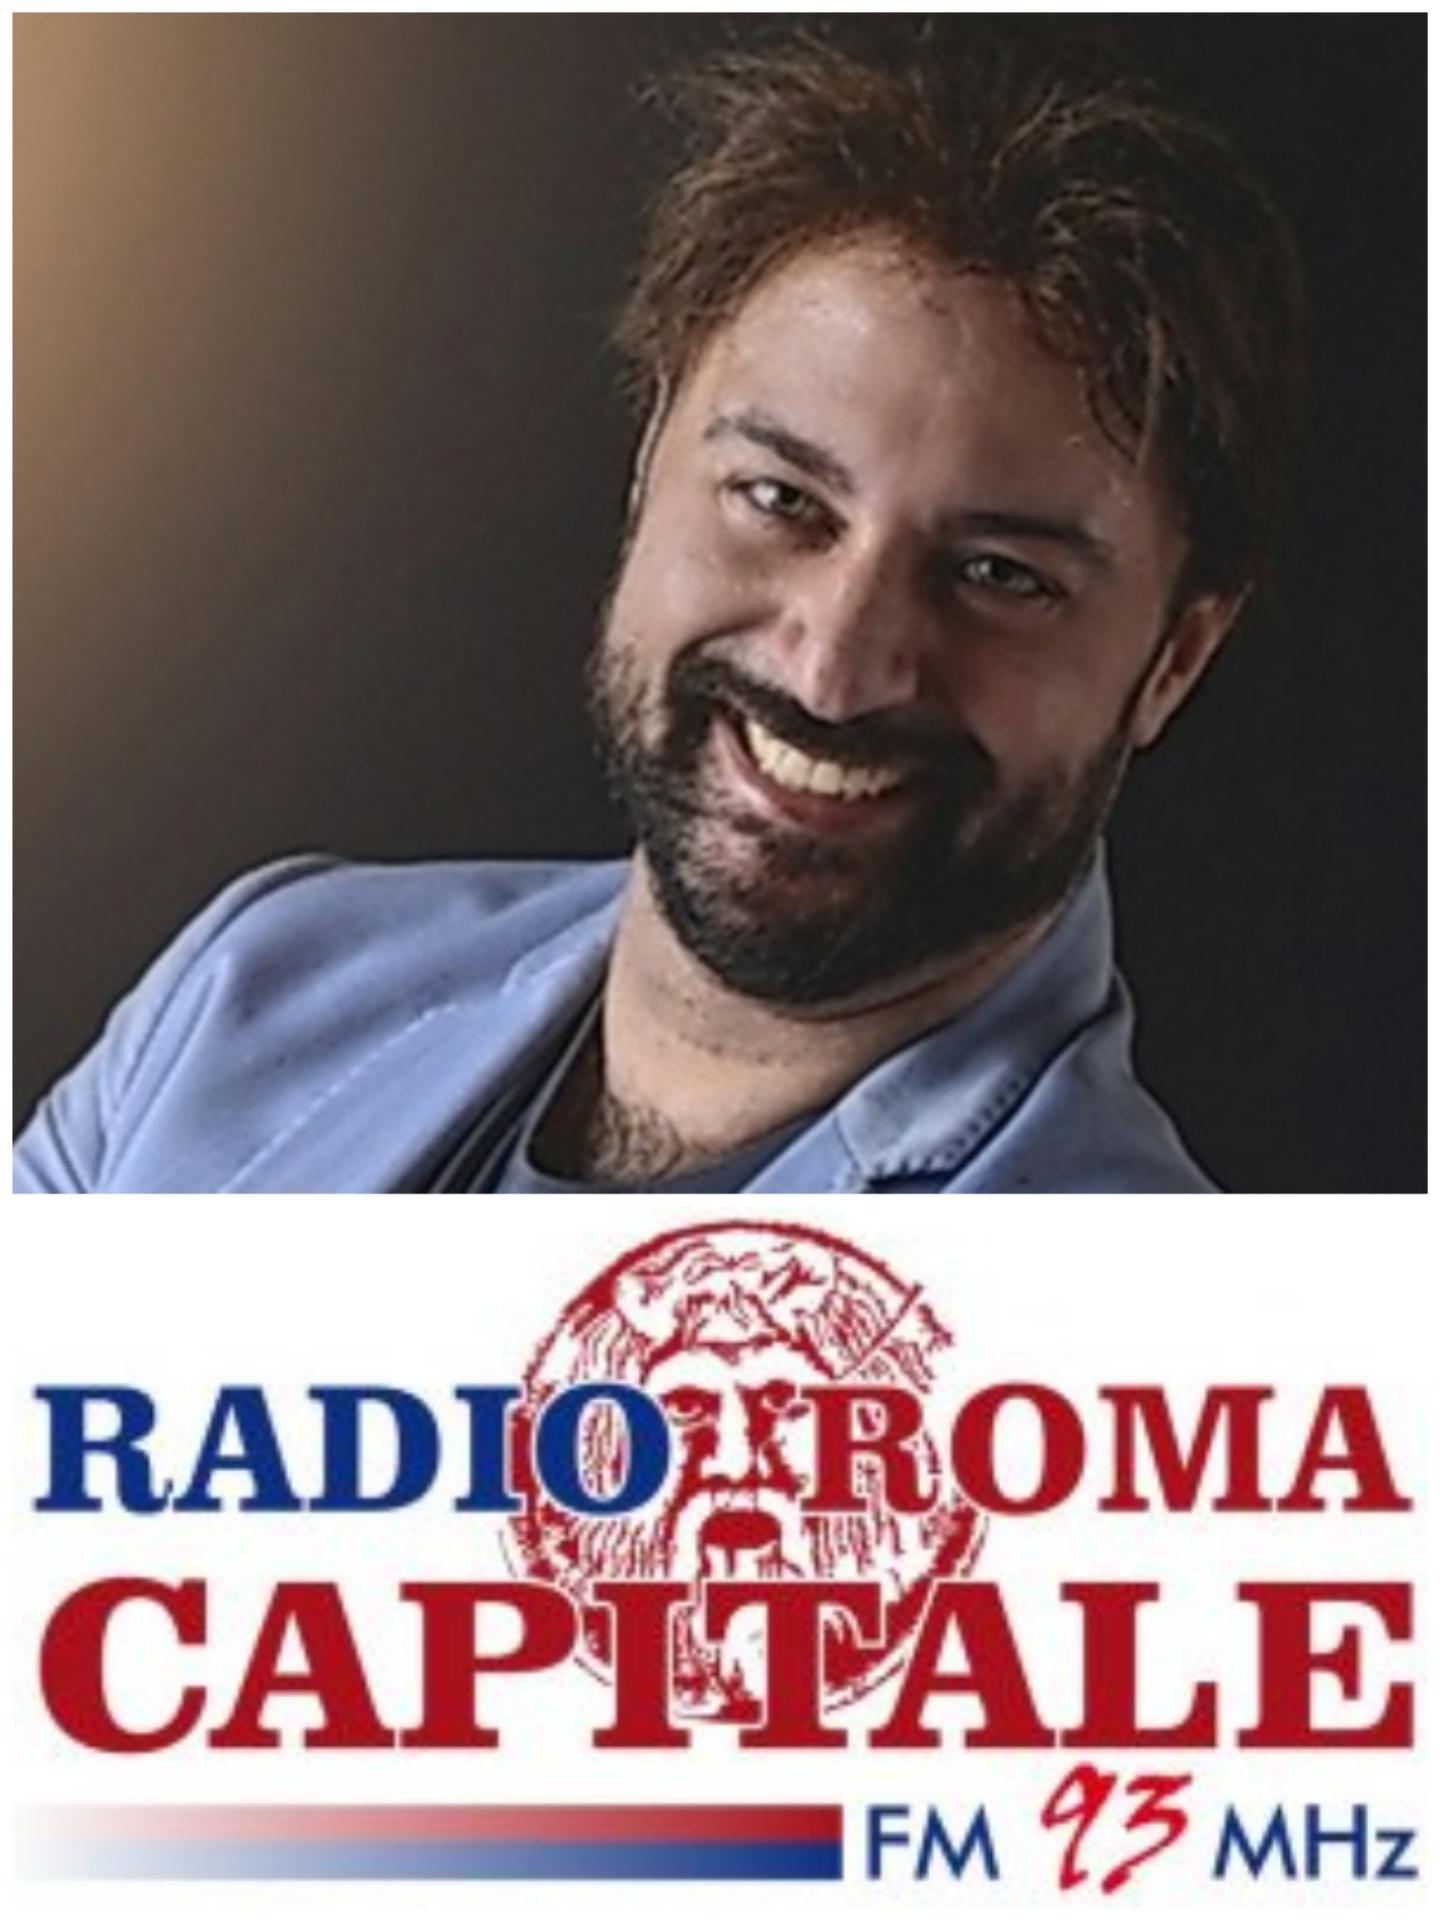 """RADIO ROMA CAPITALE, """"ON AIR"""" TALK SHOW"""